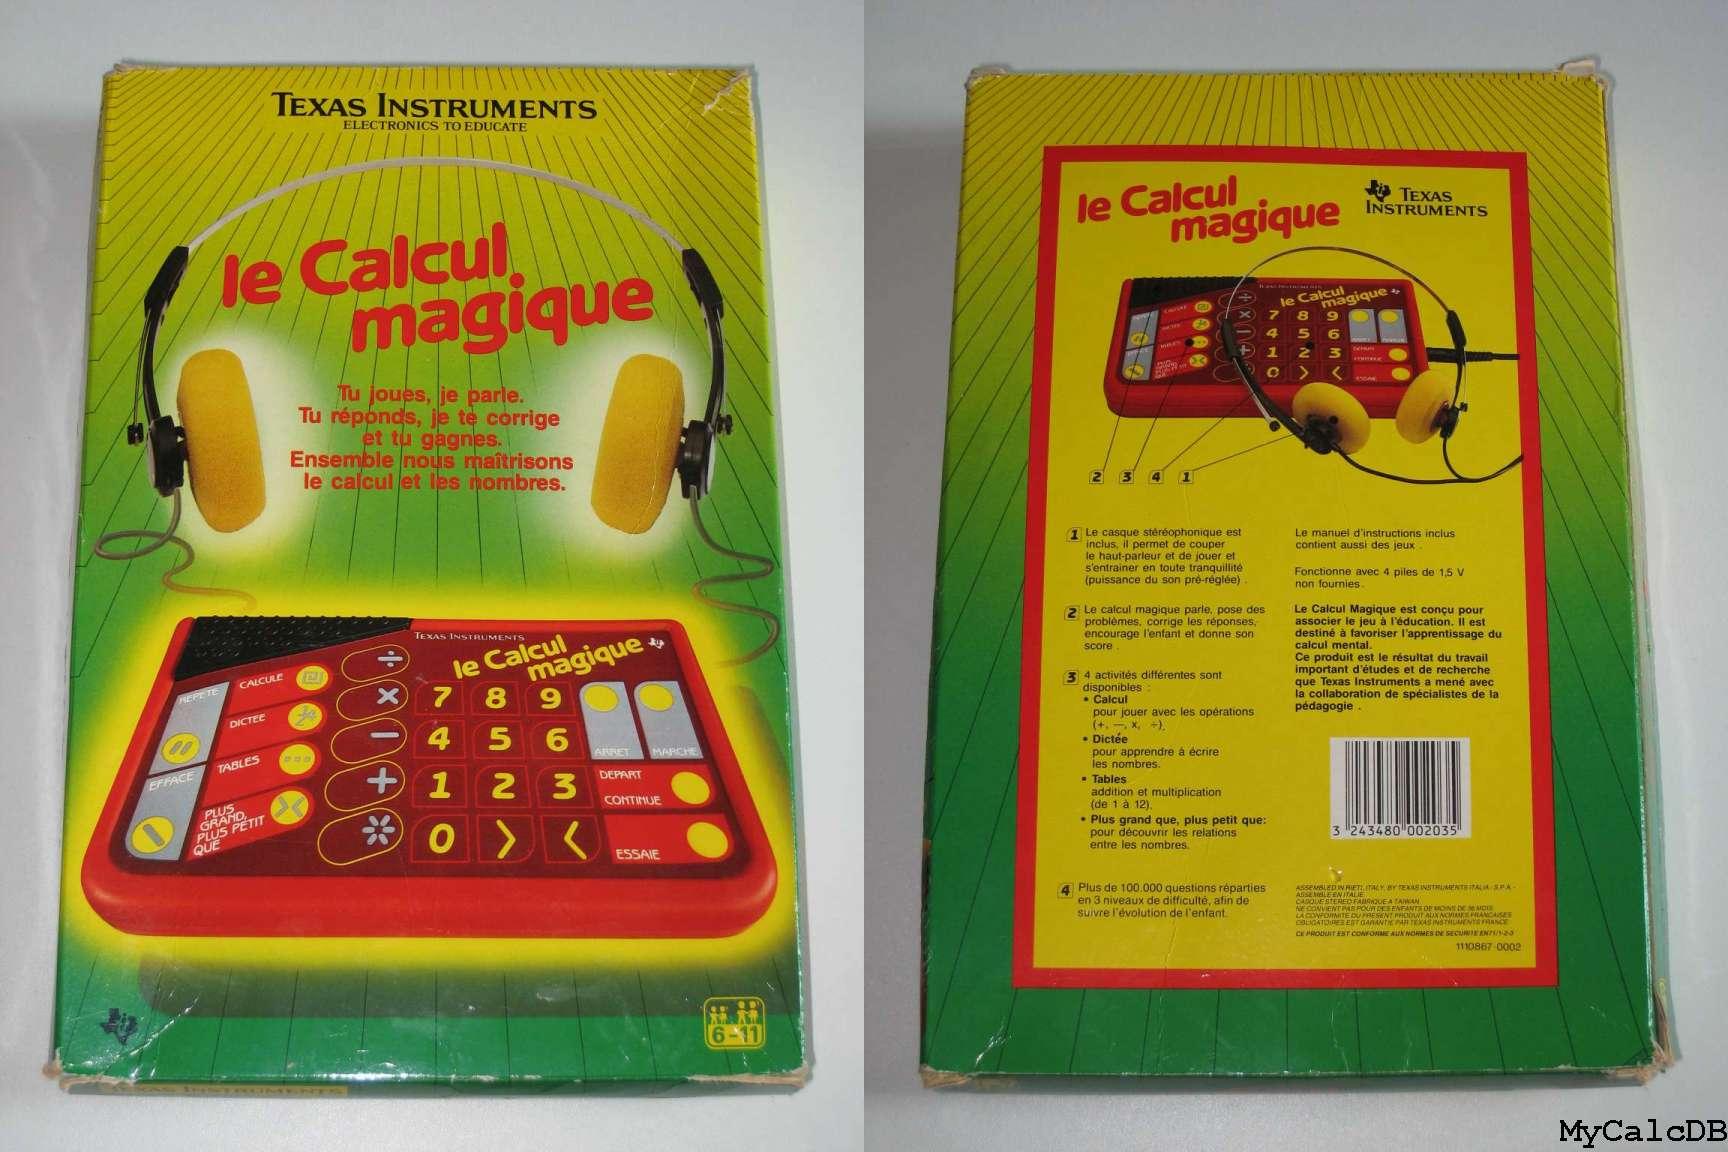 texas instruments le calcul magique